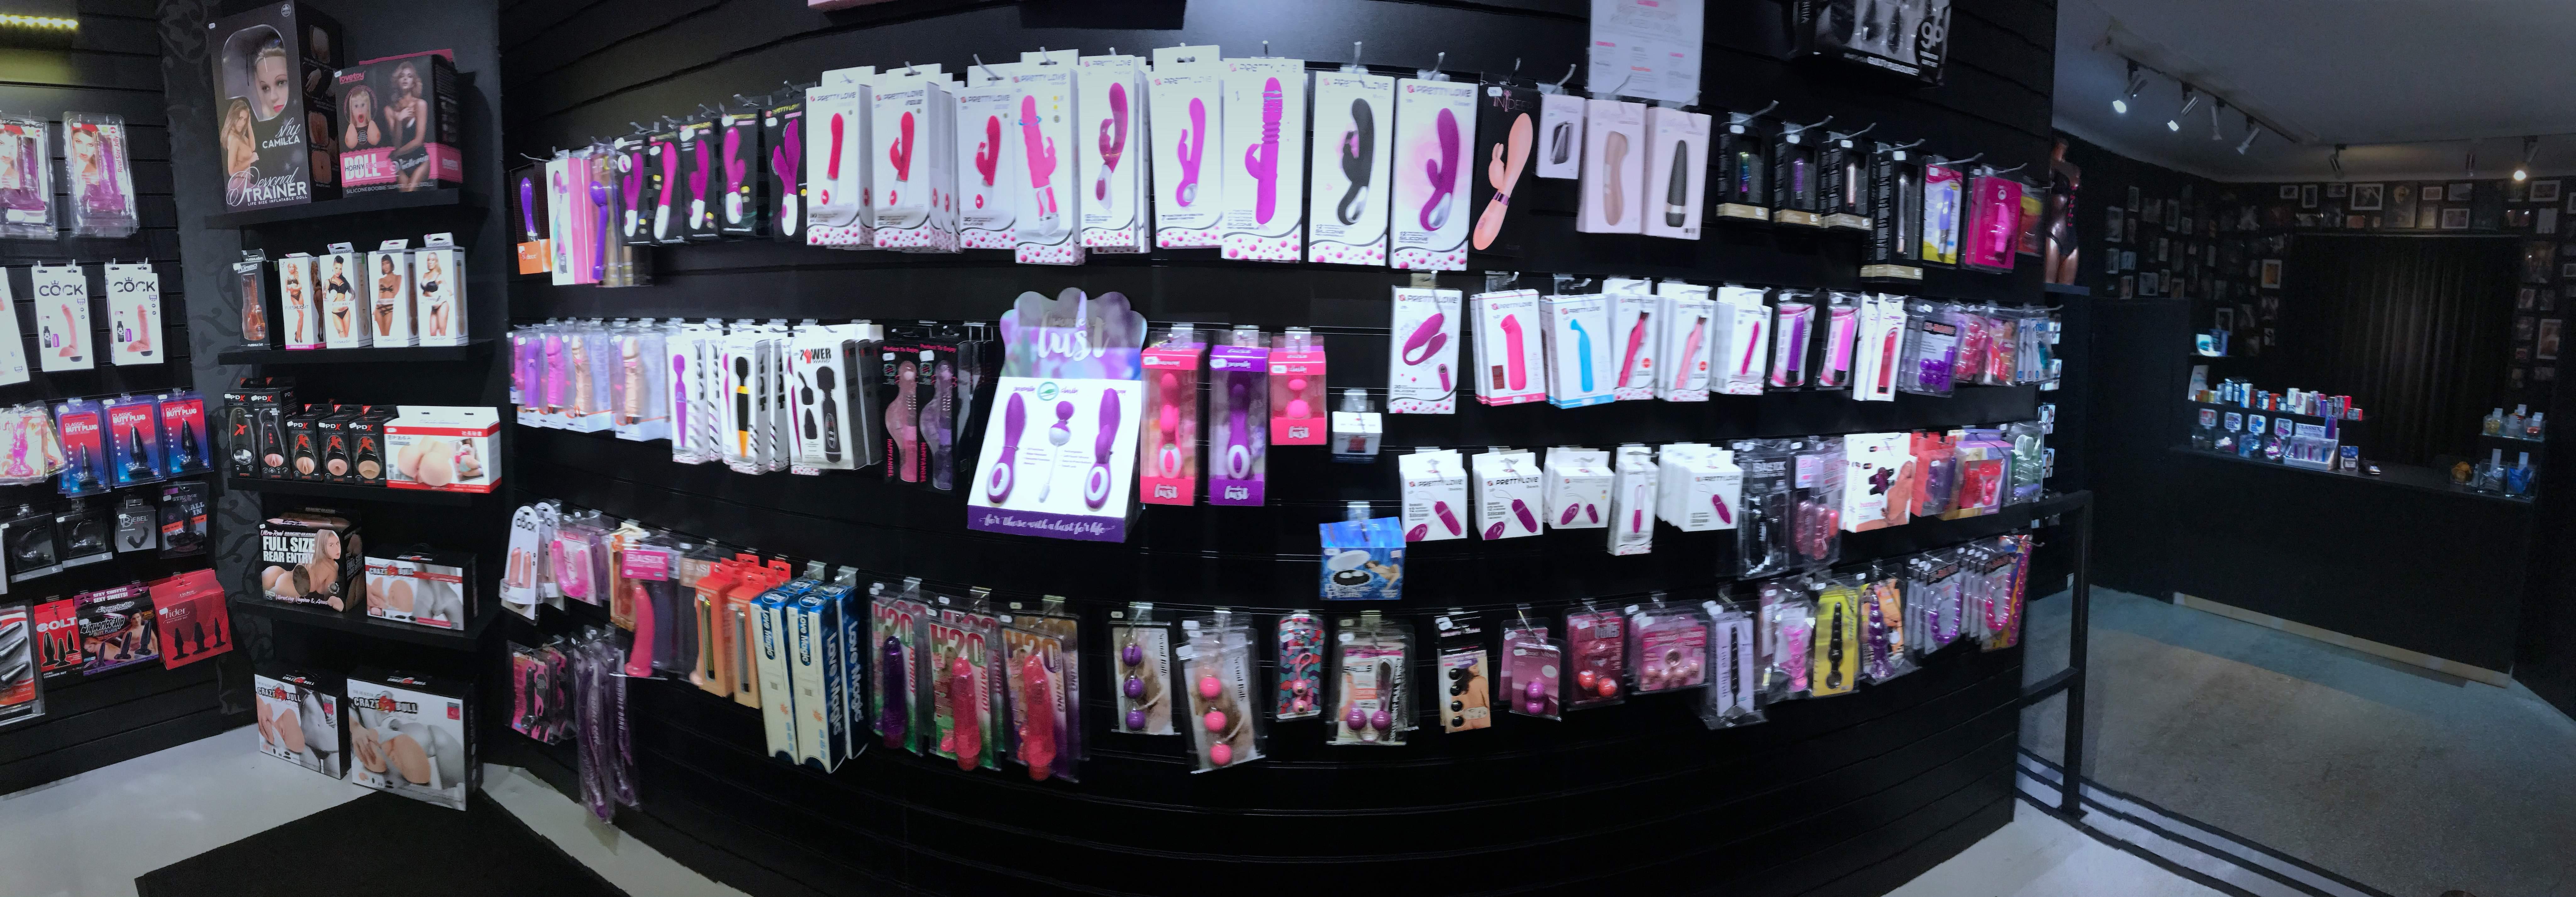 Sexbutik Helsingborg